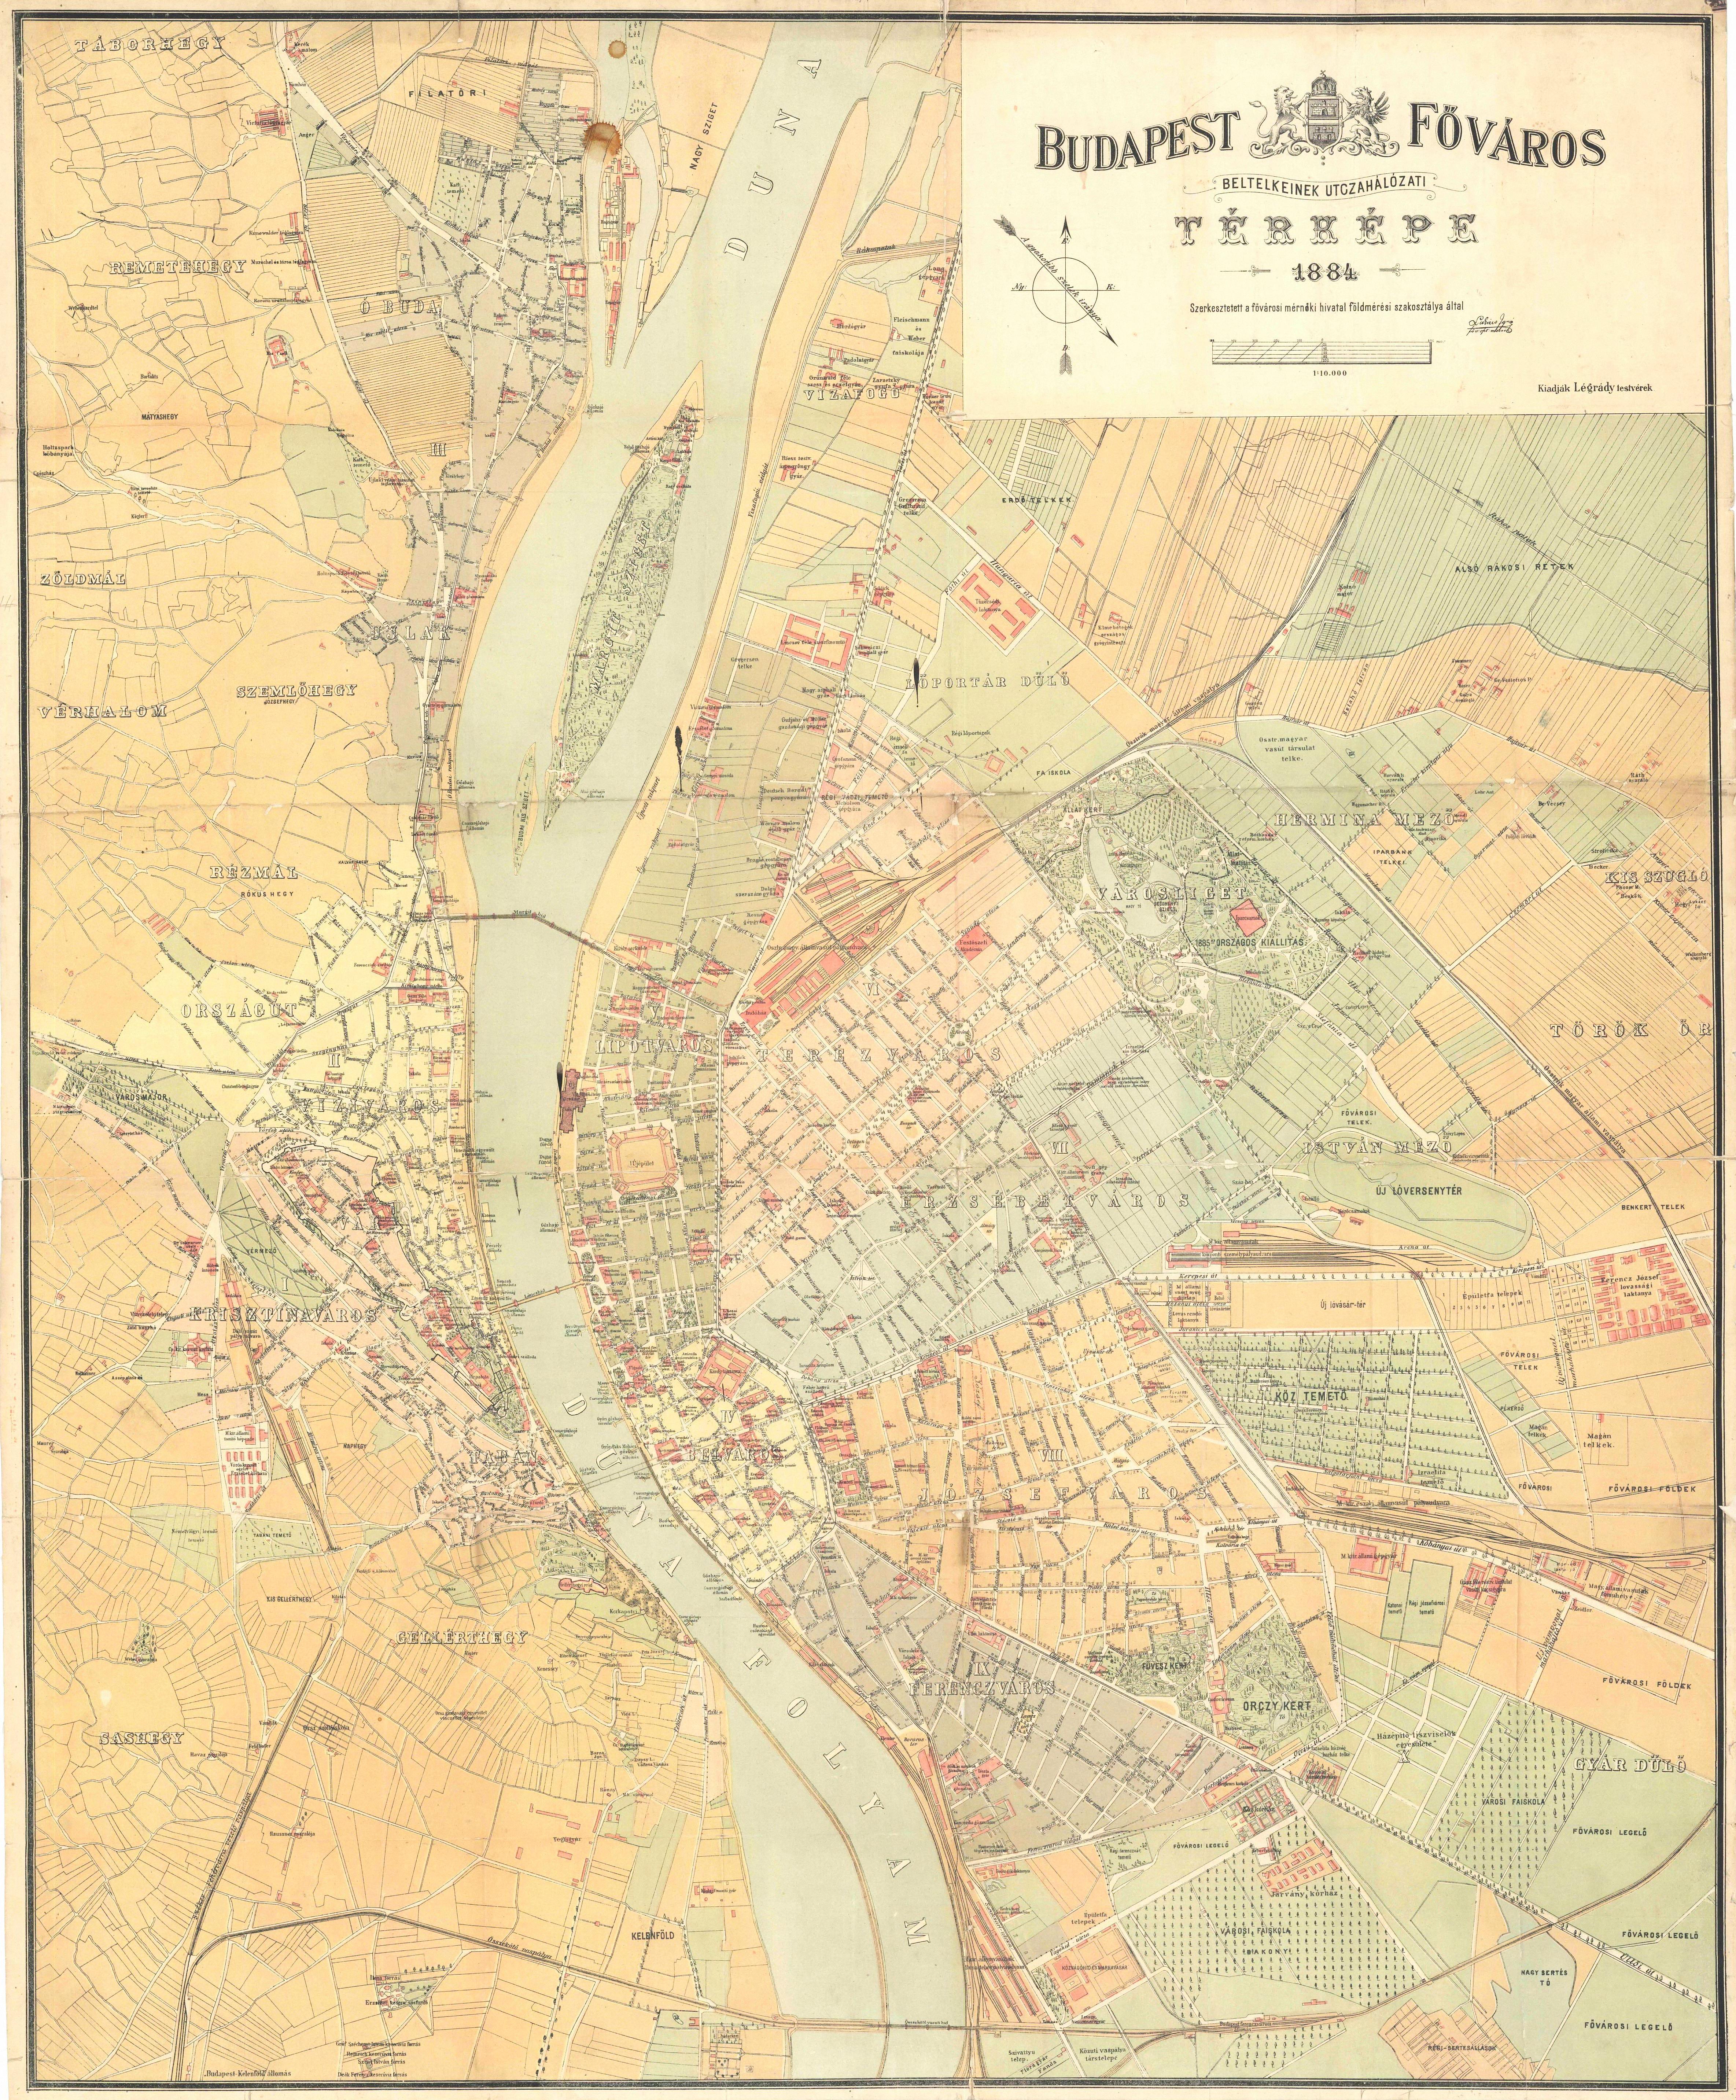 magyarország térkép 1800 Utitárs: 1884   Budapest térkép (kép) magyarország térkép 1800